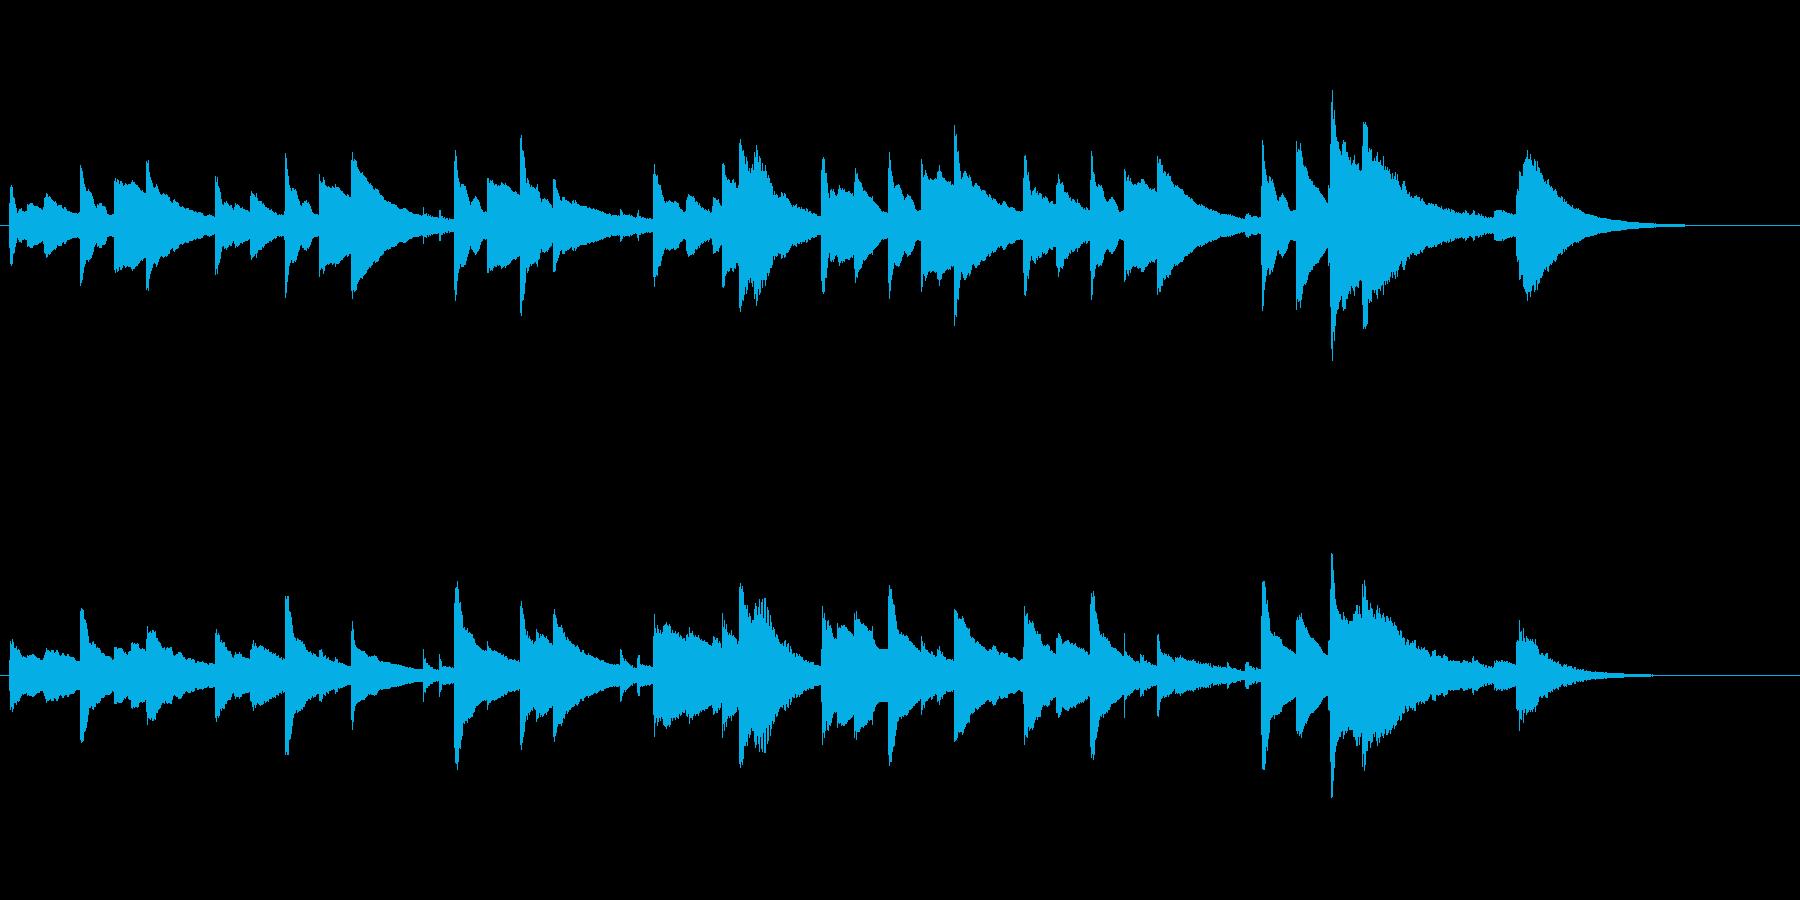 感動系オルゴールの再生済みの波形